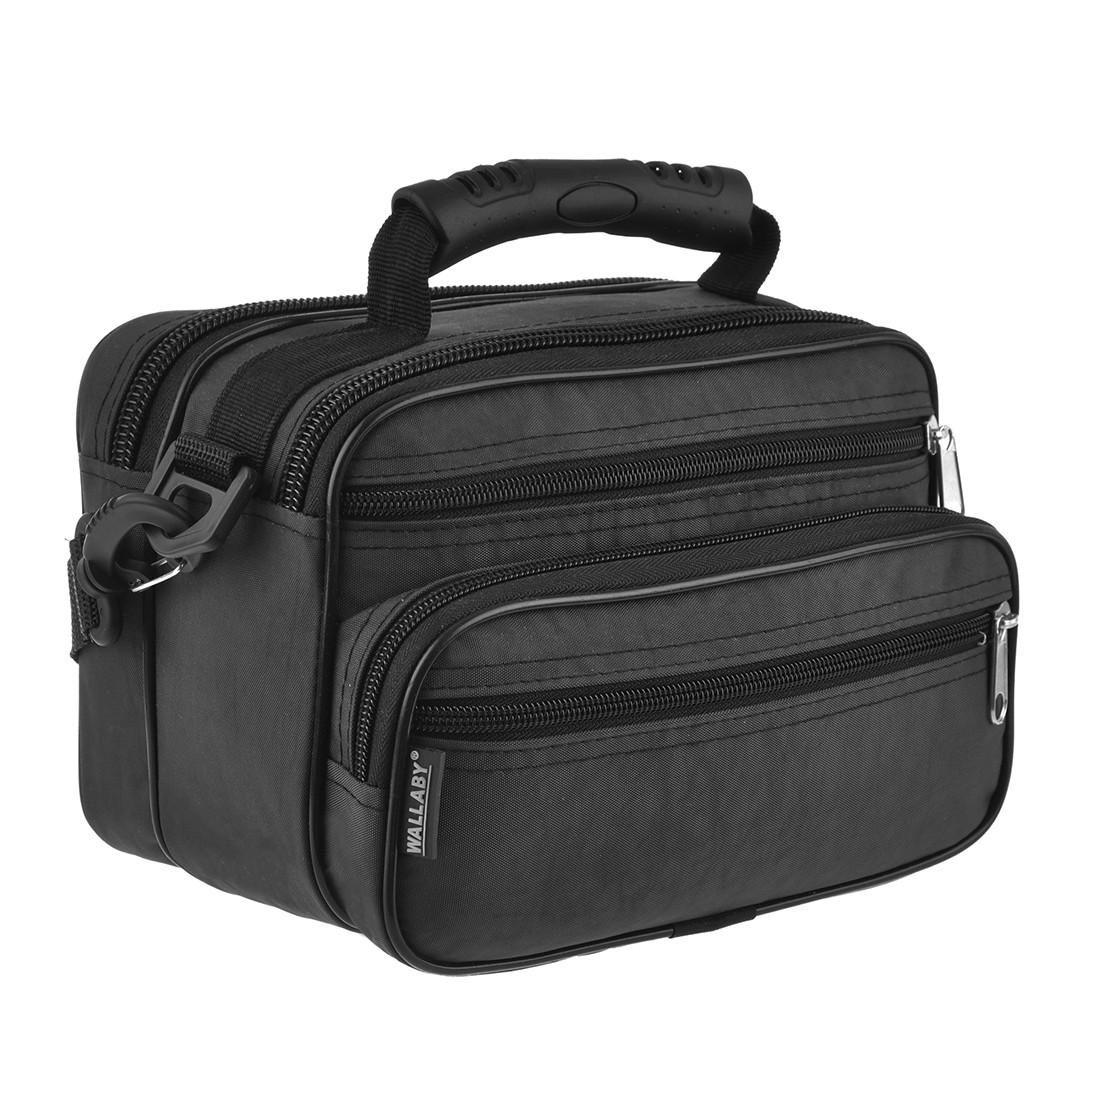 Чоловіча сумка Wallaby 24х17х15 горизонтальна тканина «Кордура», колір чорний в21231ч